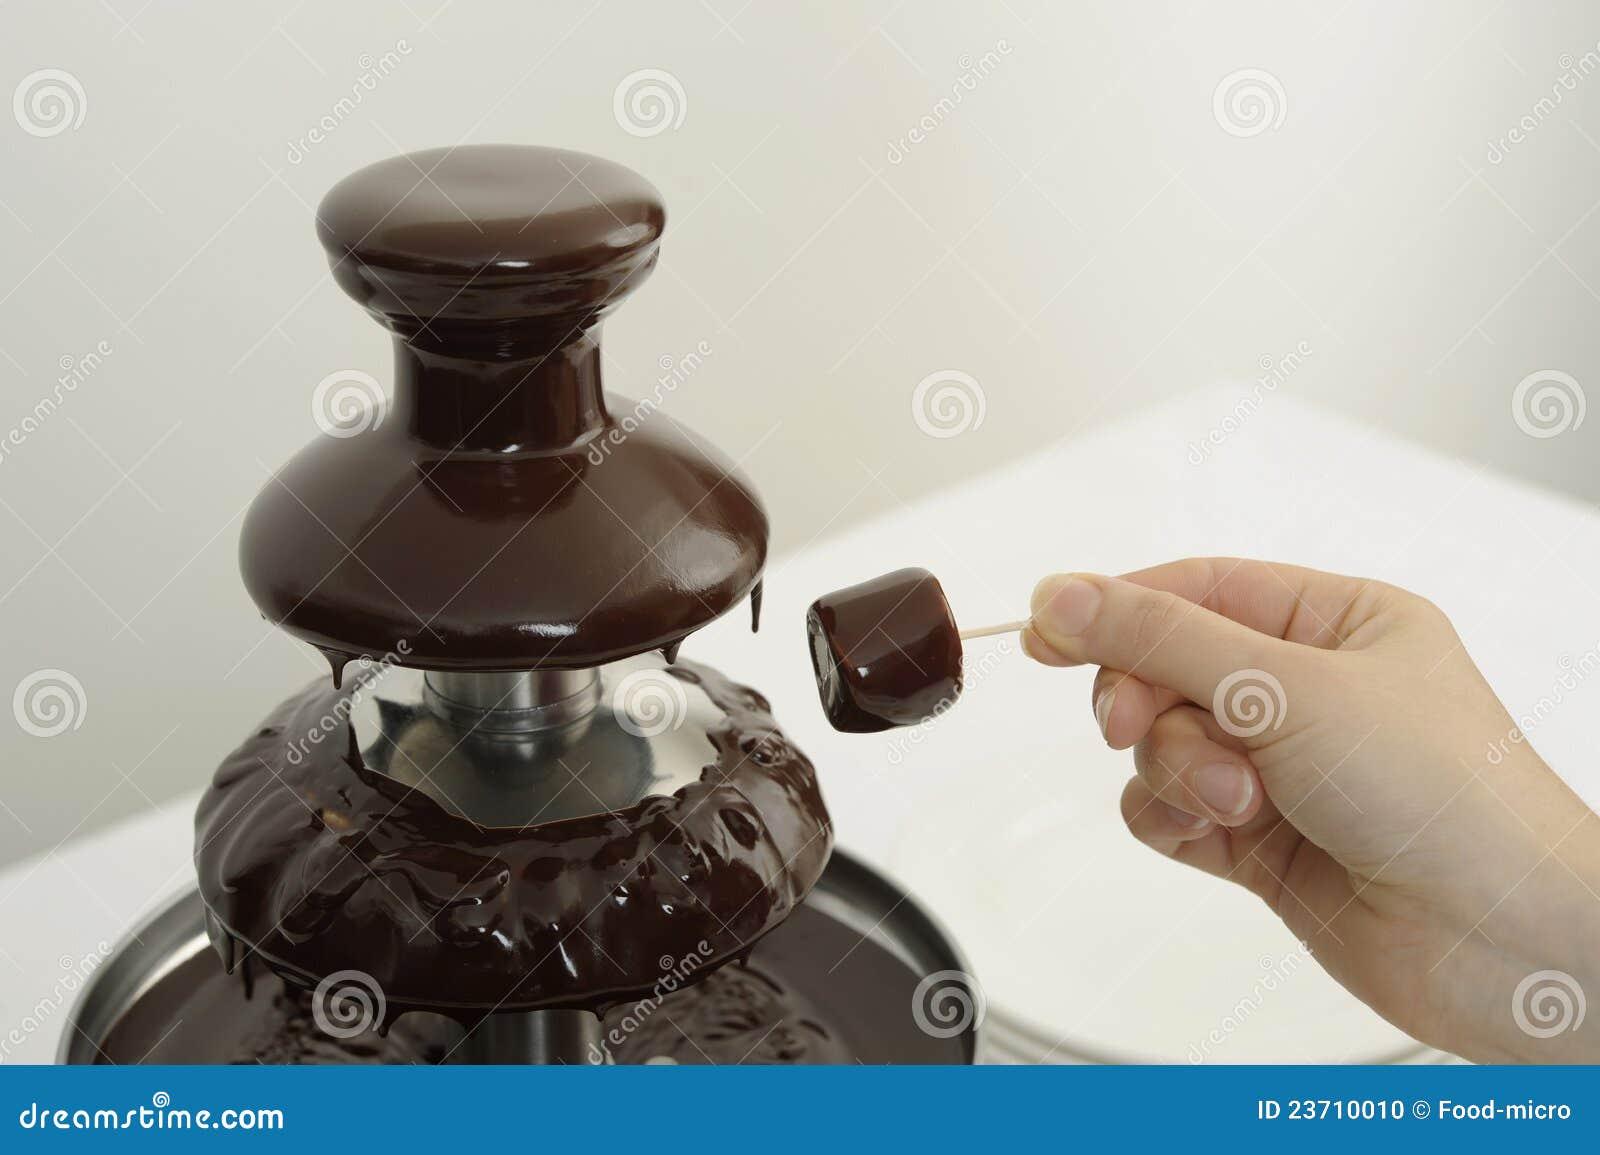 Chocolate Fountain Clip Art Chocolate fountain at a buffet